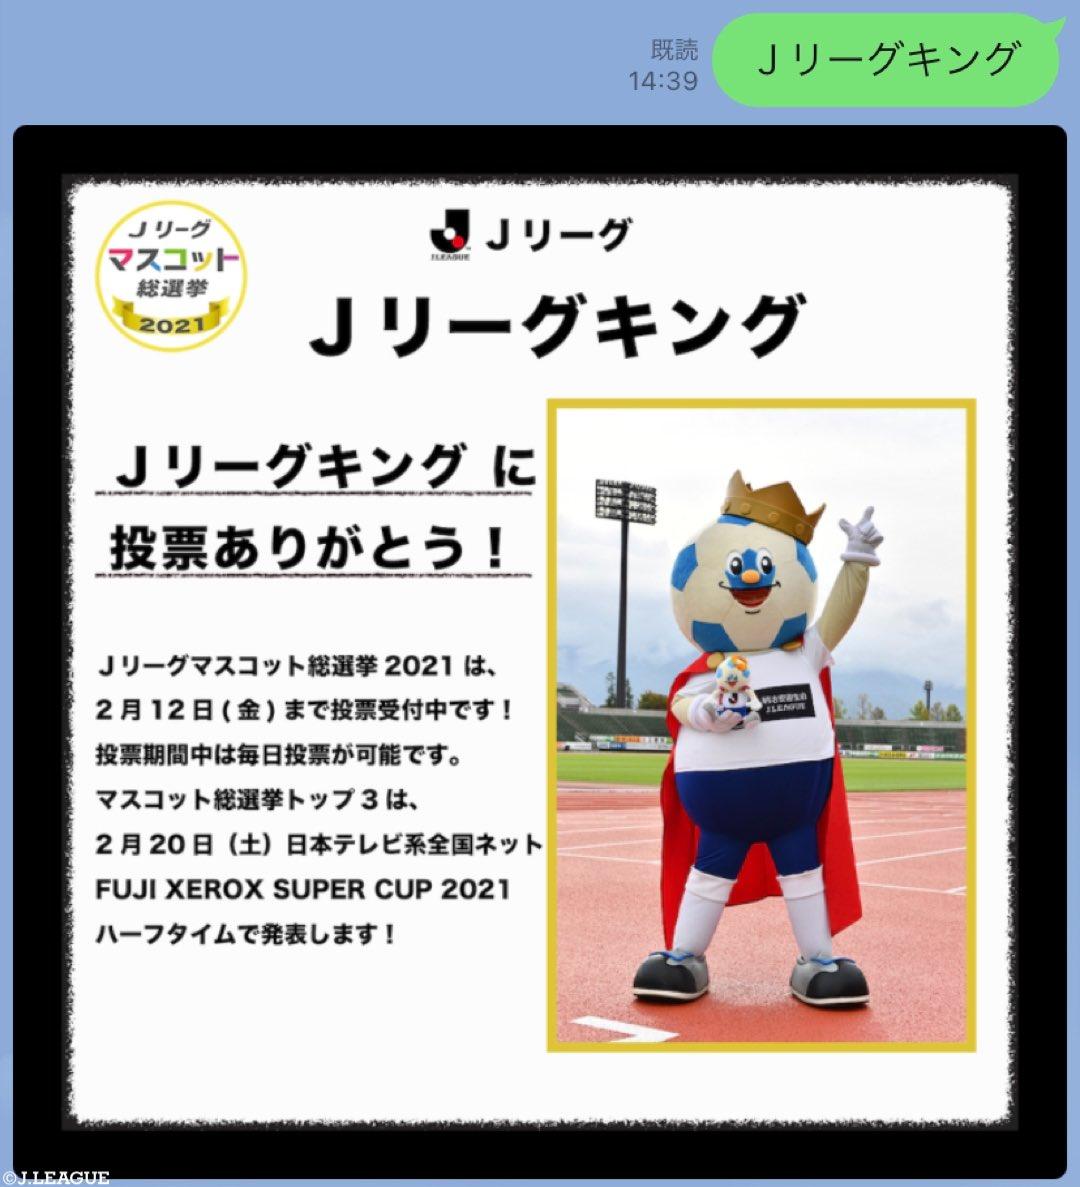 マスコット 2021 選挙 リーグ 総 j